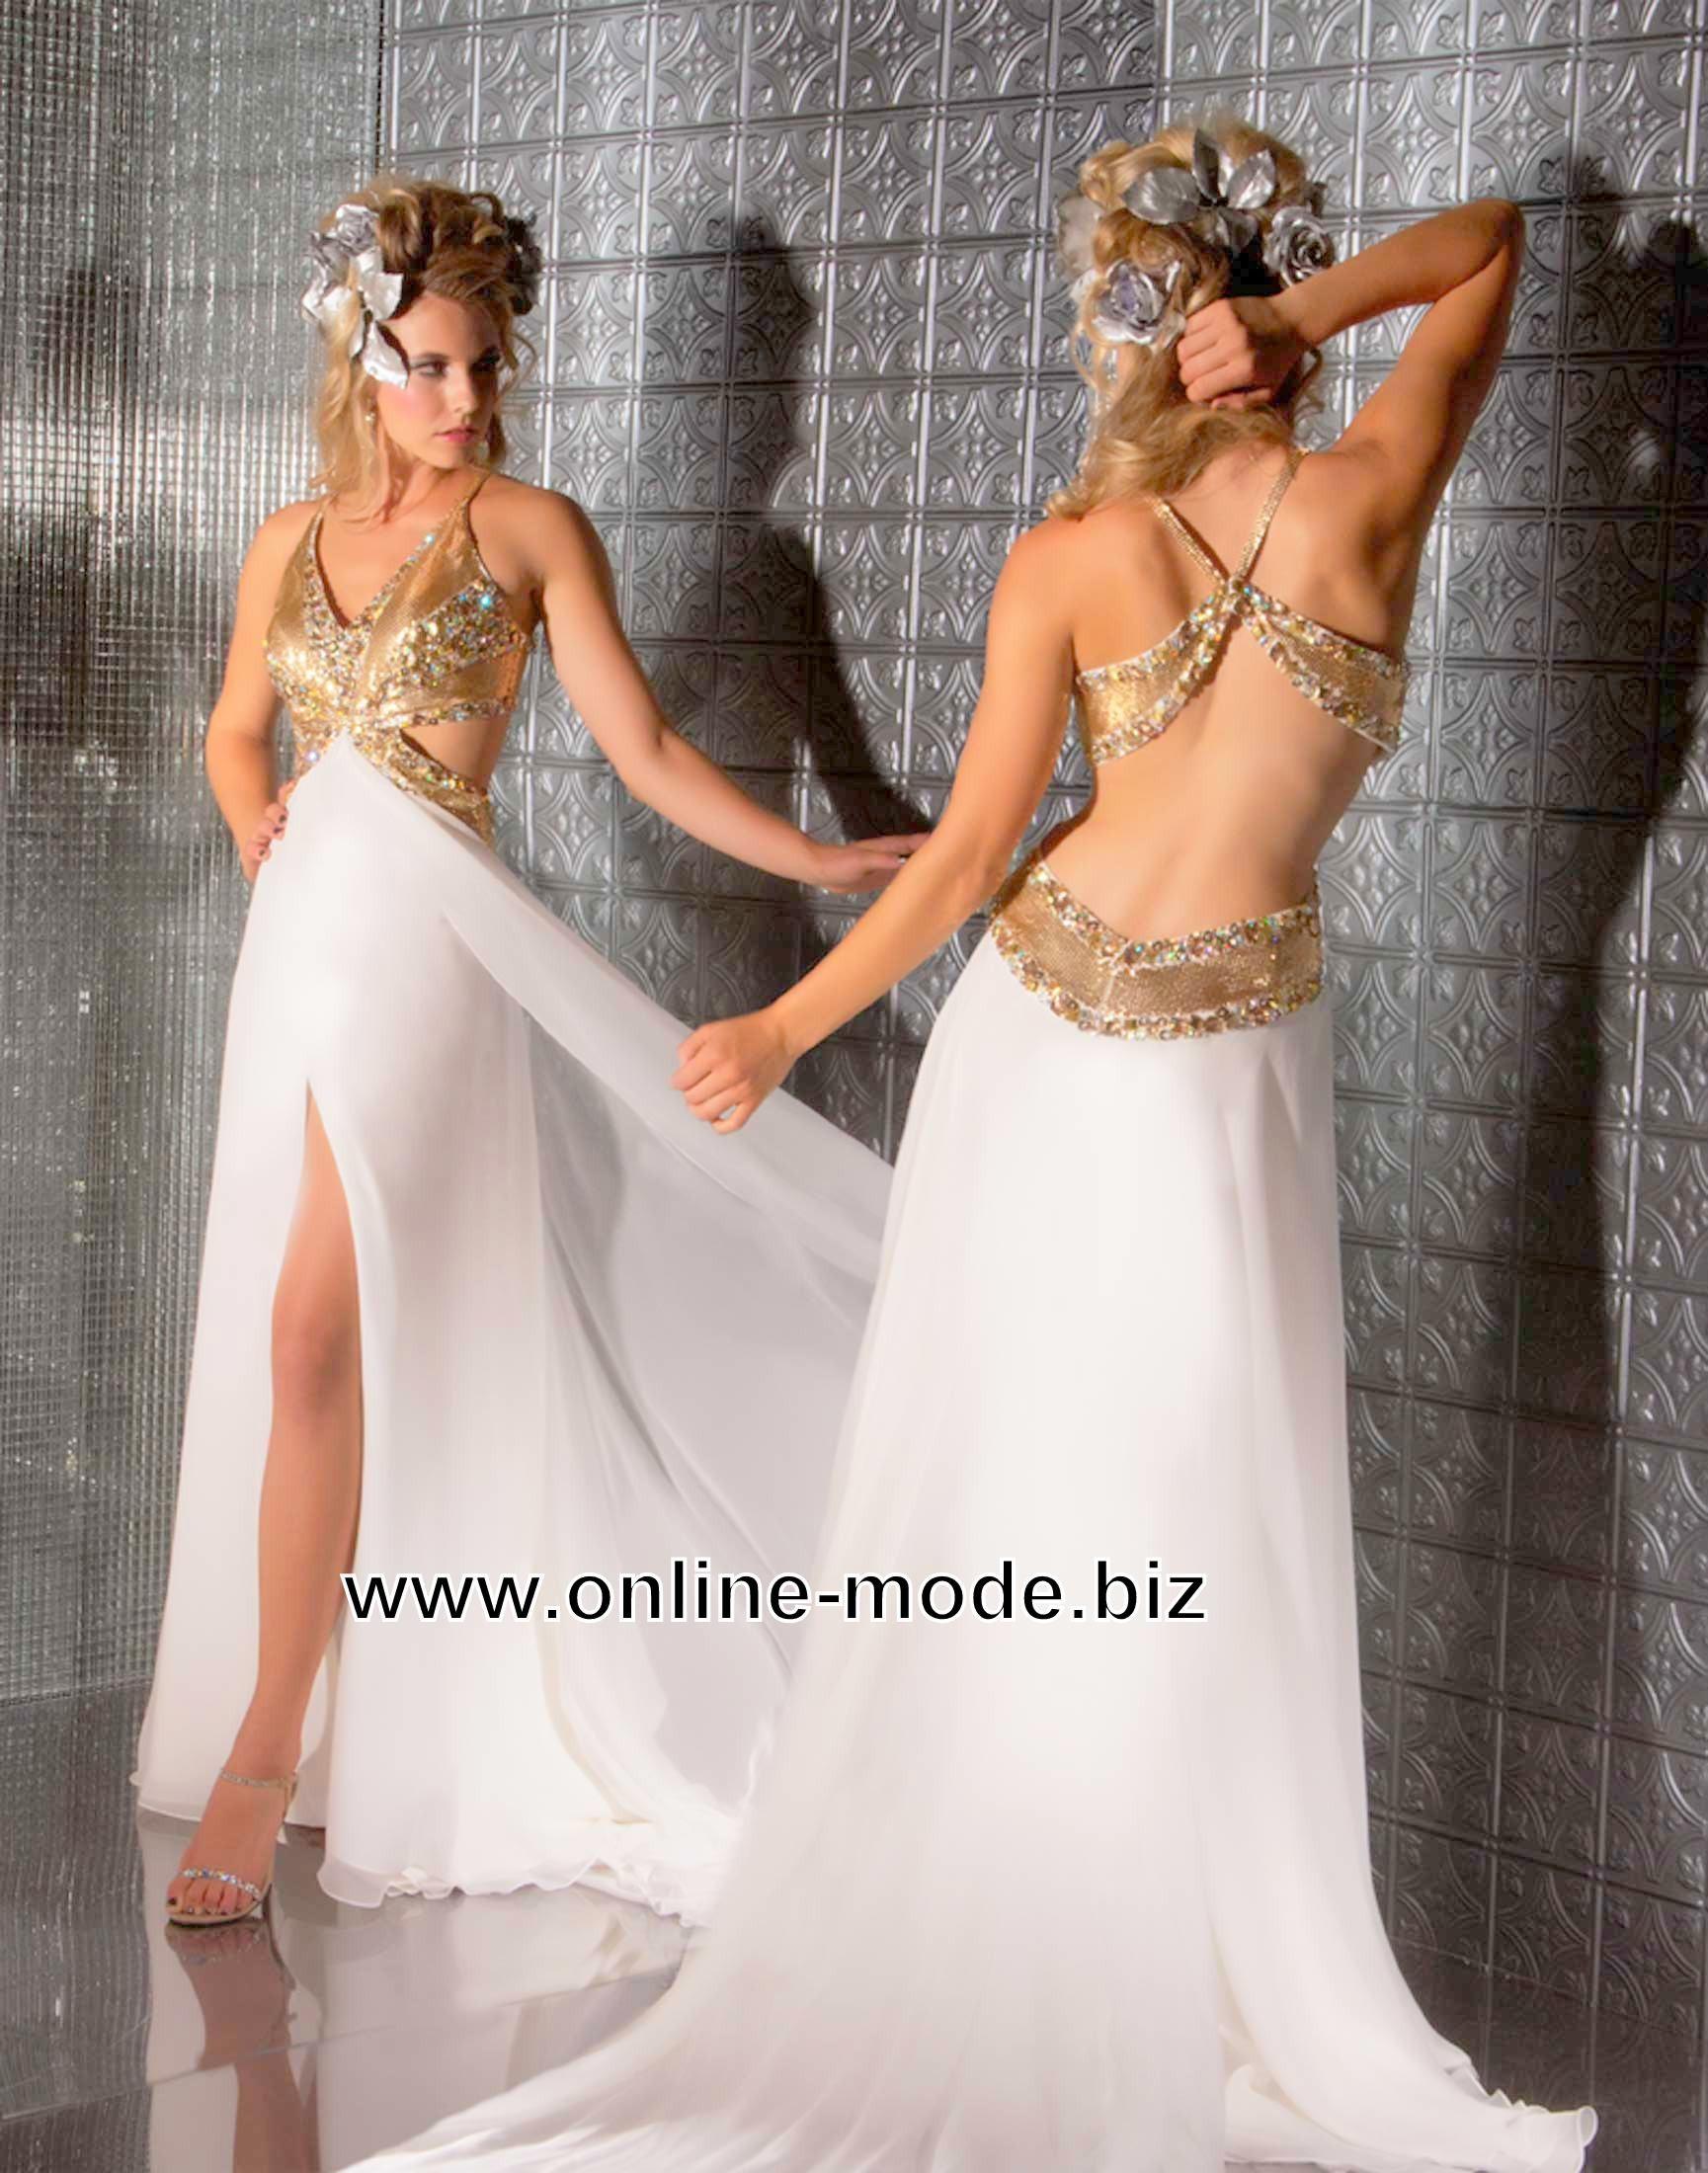 17 Top Abend Kleid Online Vertrieb13 Fantastisch Abend Kleid Online Vertrieb